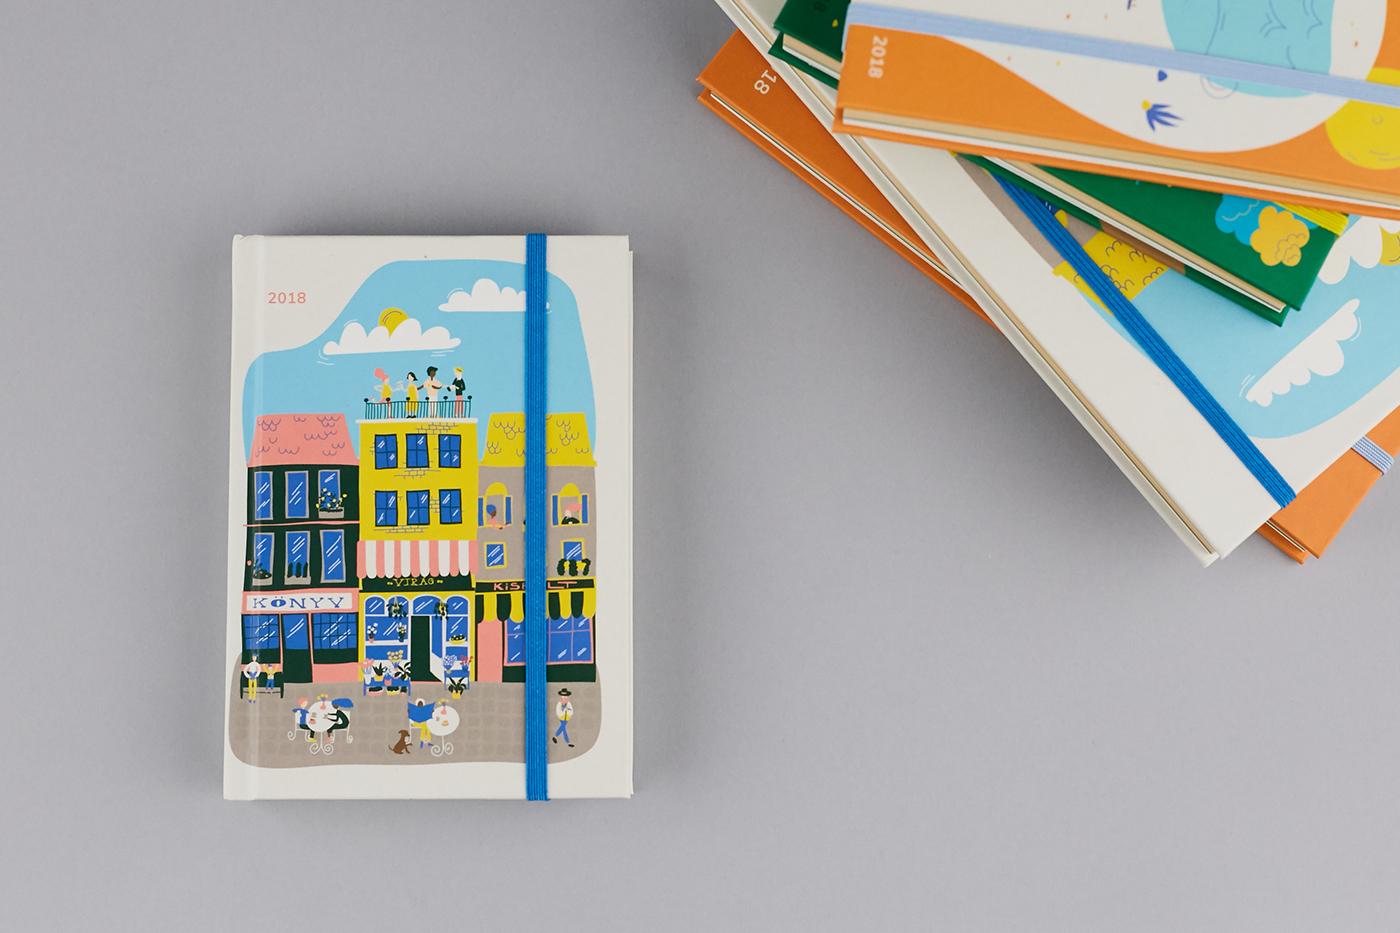 有創意感的36款月曆設計欣賞